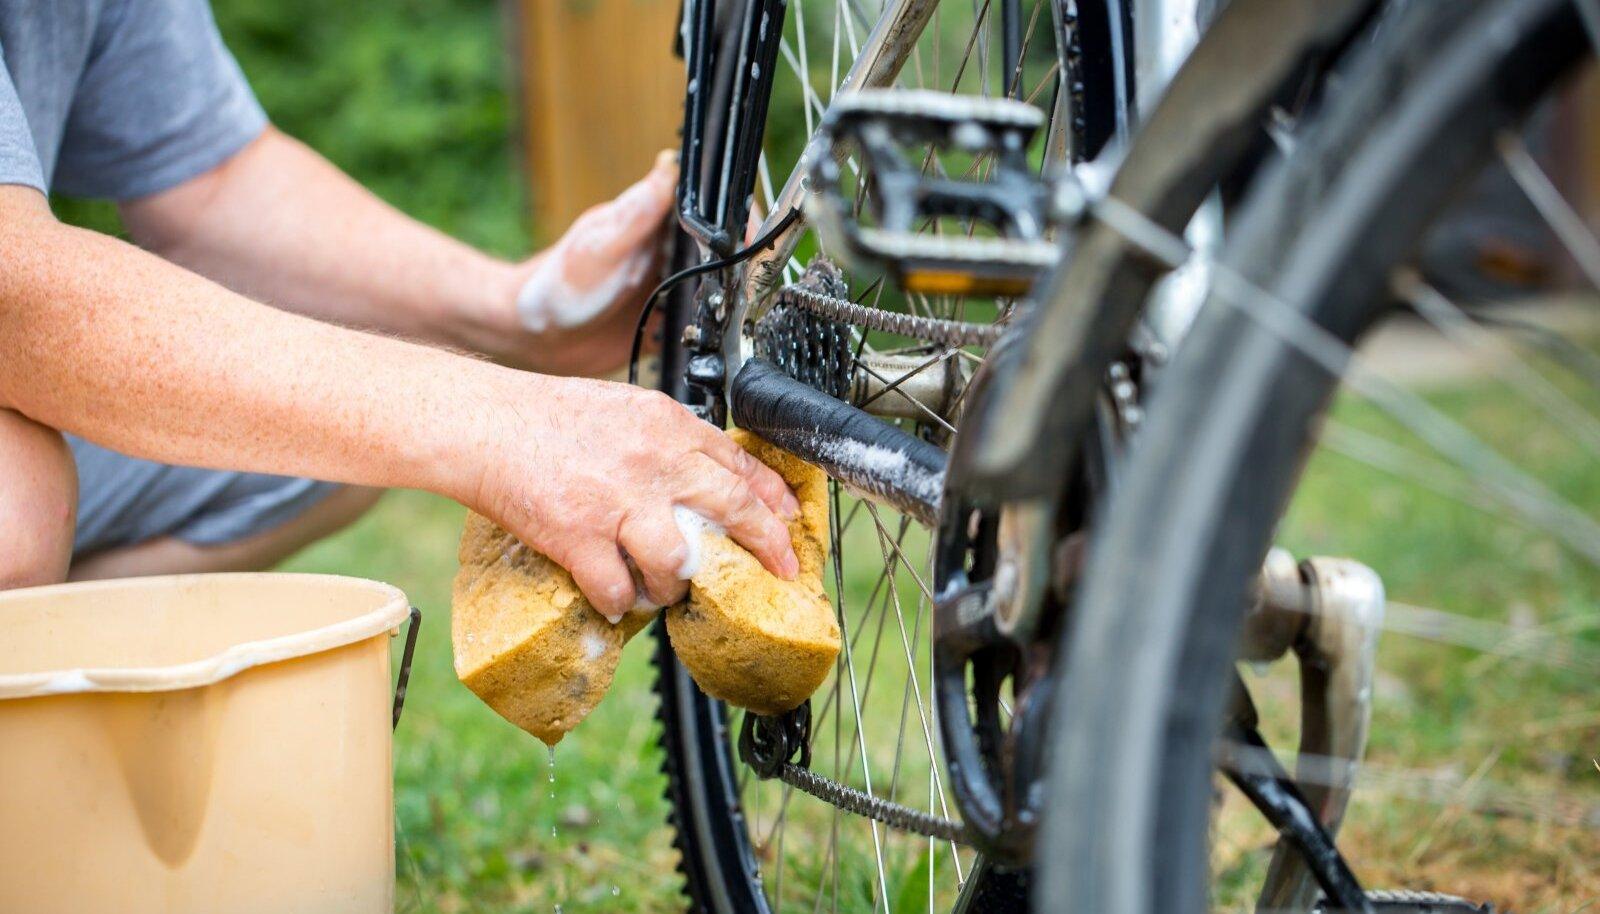 Jalgratta puhastamiseks võib kasutada ka mõõdukas koguses nõudepesuvahendit.